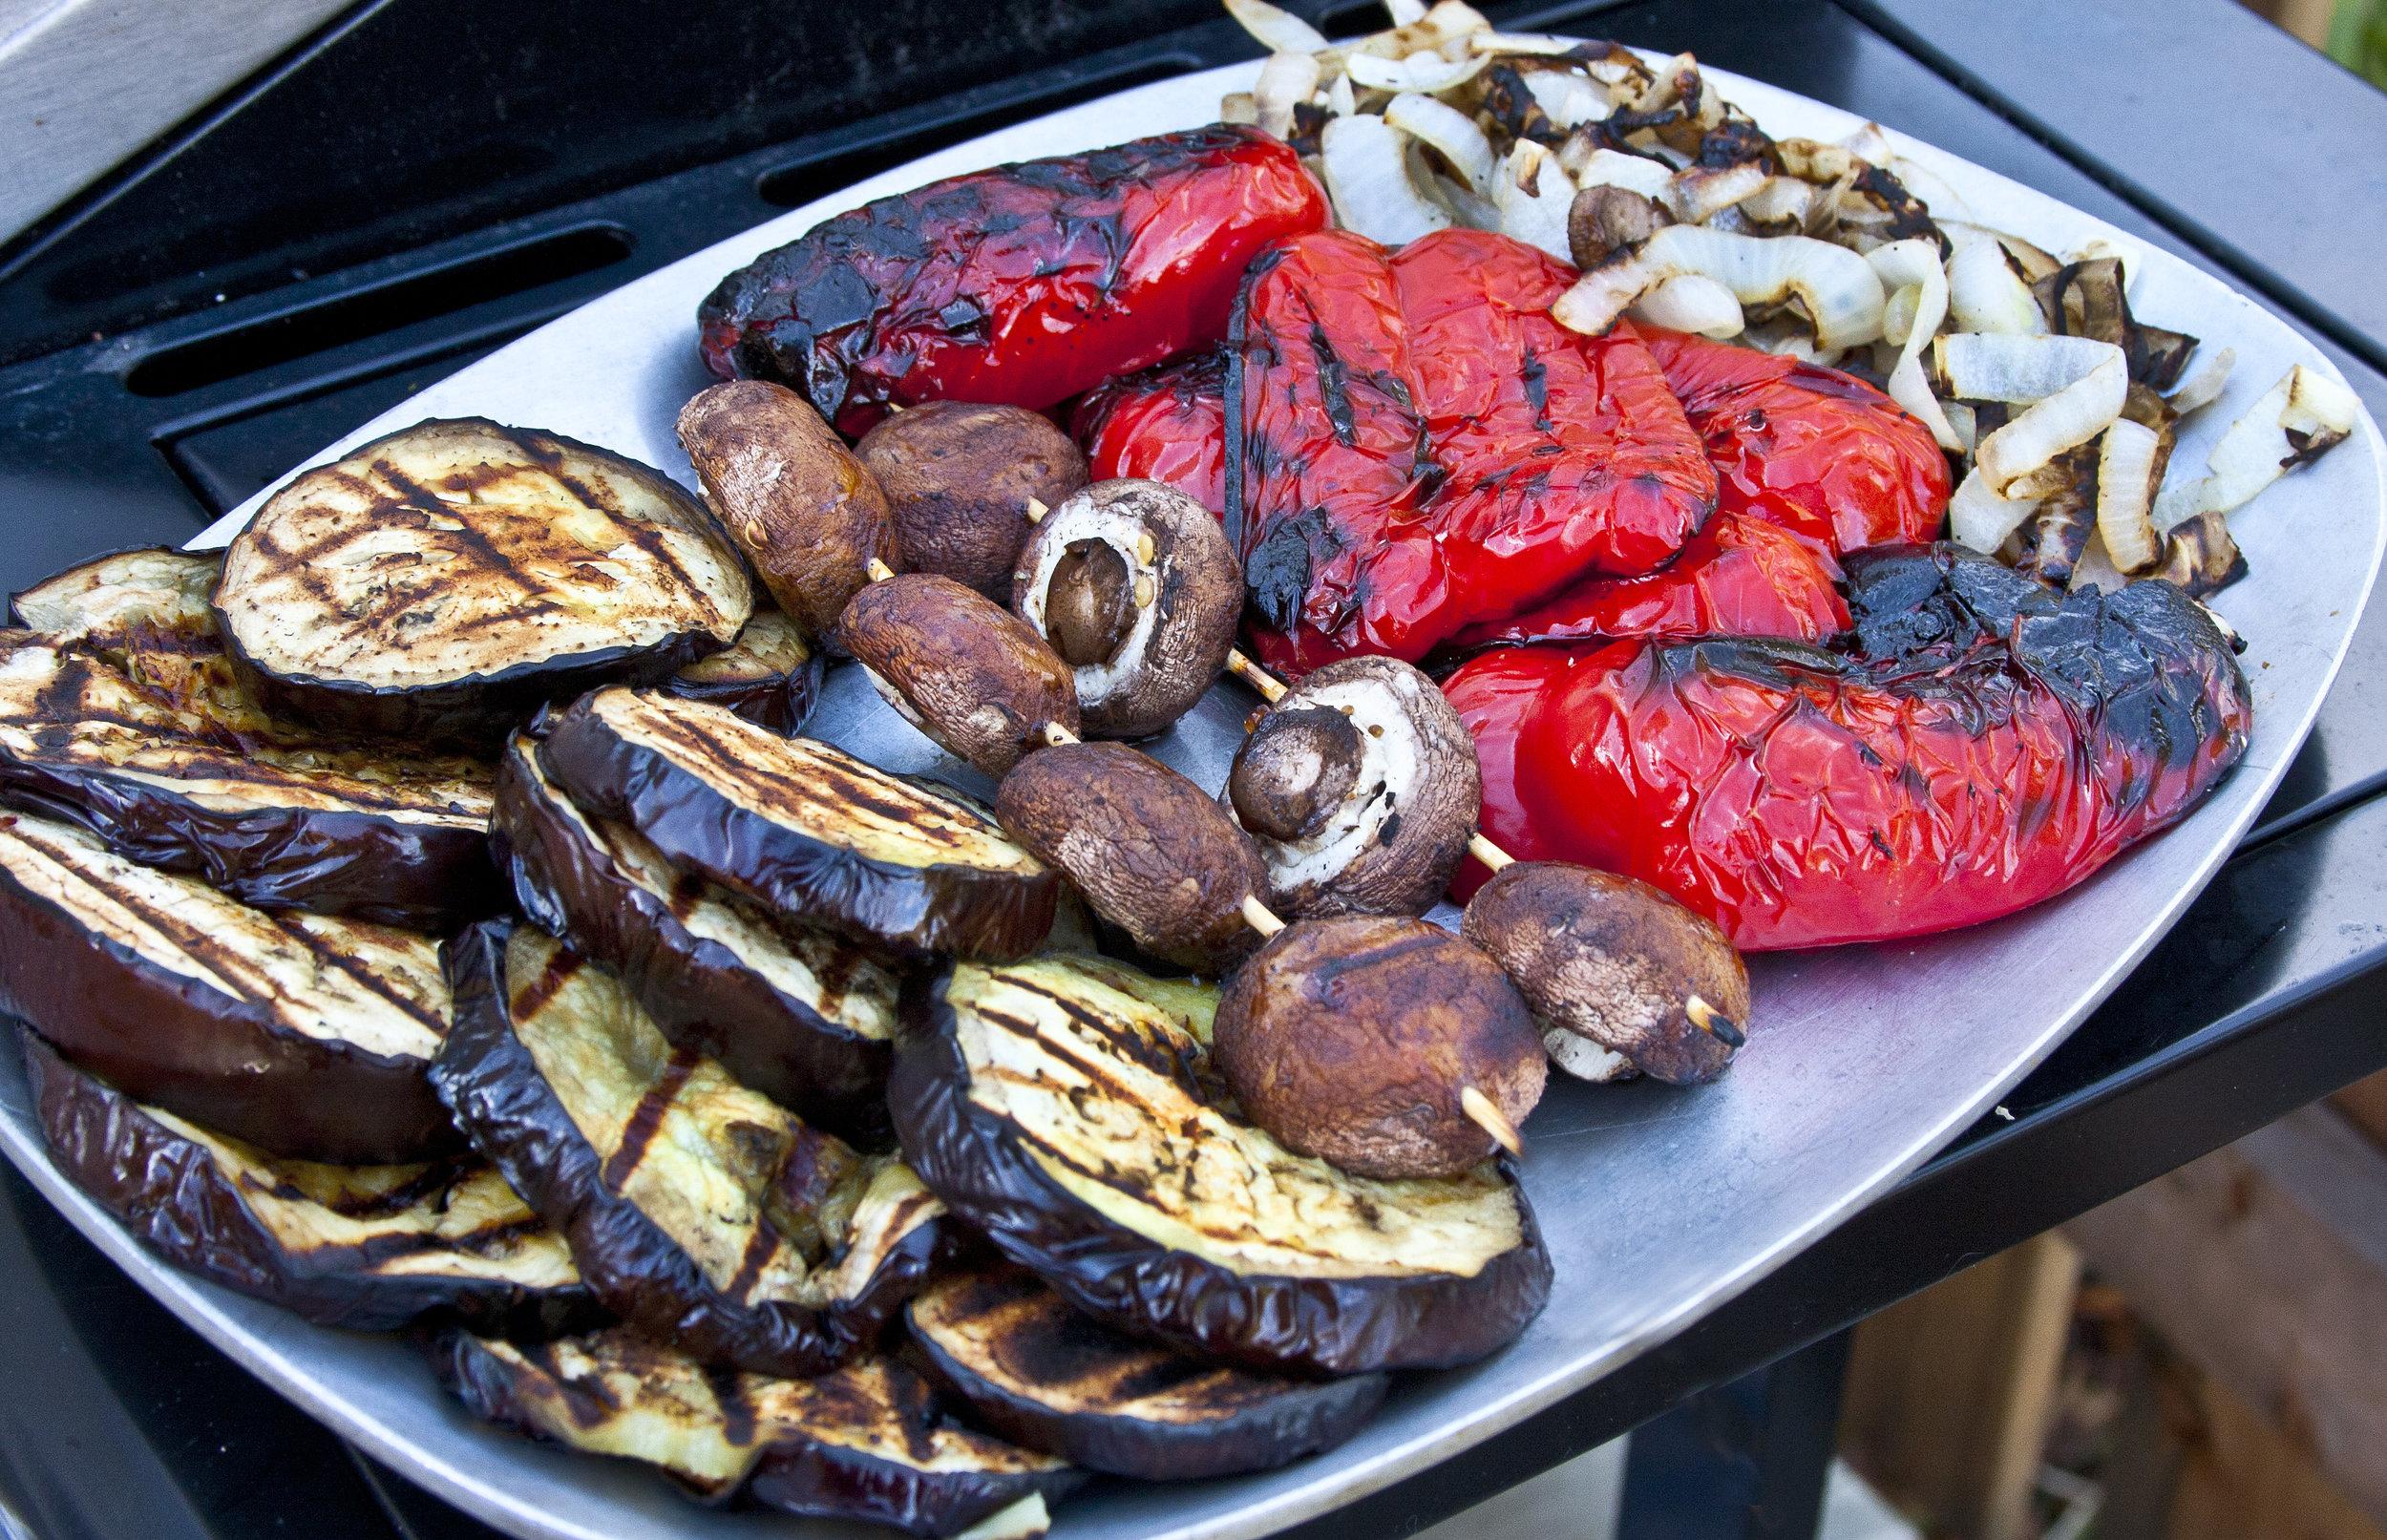 Grilled_vegetables_(2).jpg